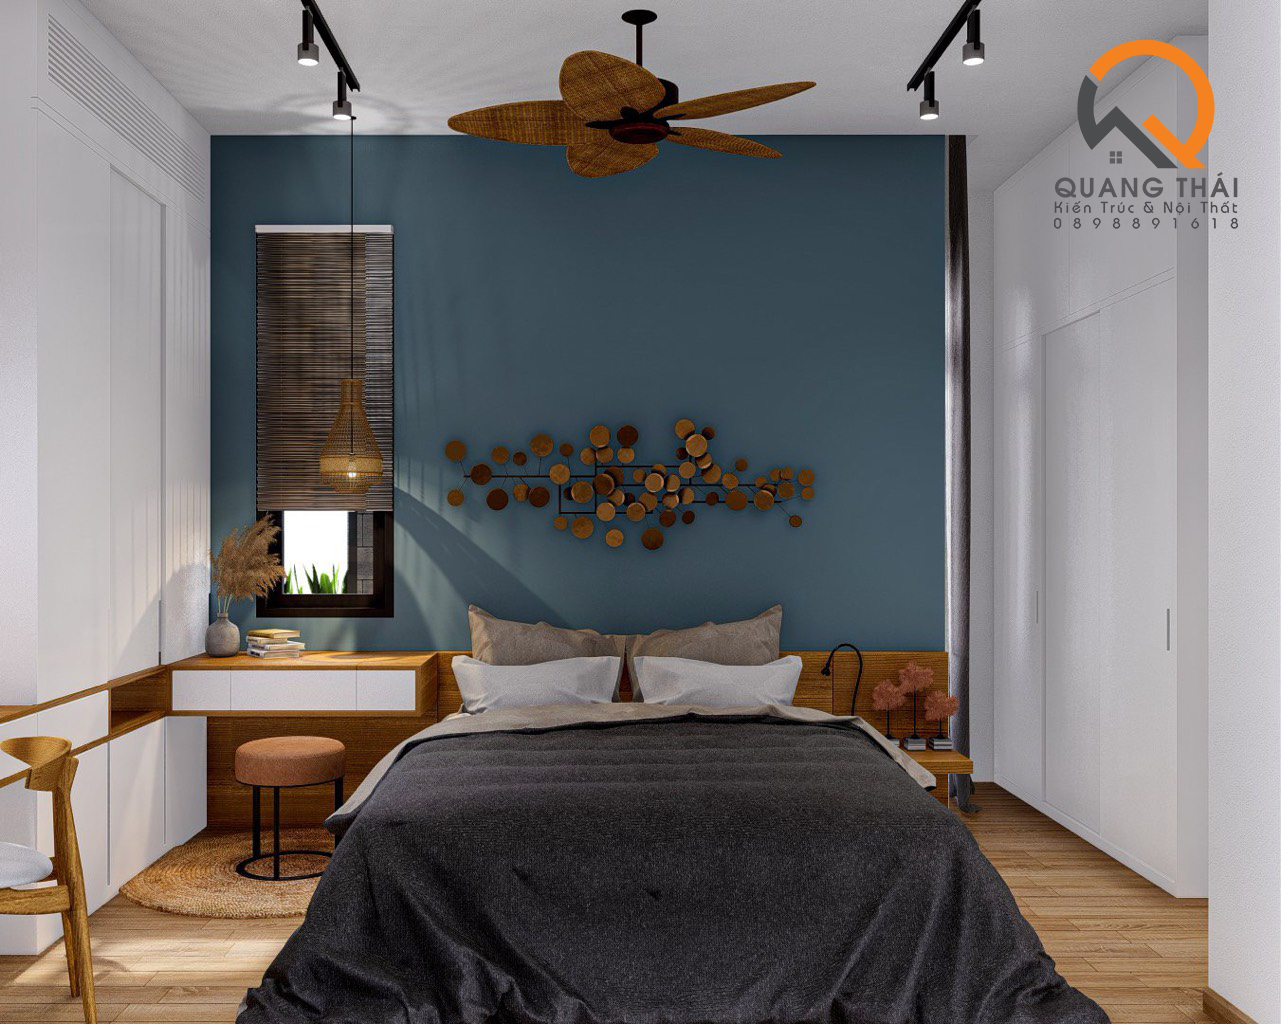 Nội thất khu vực phòng ngủ đep hiện đại